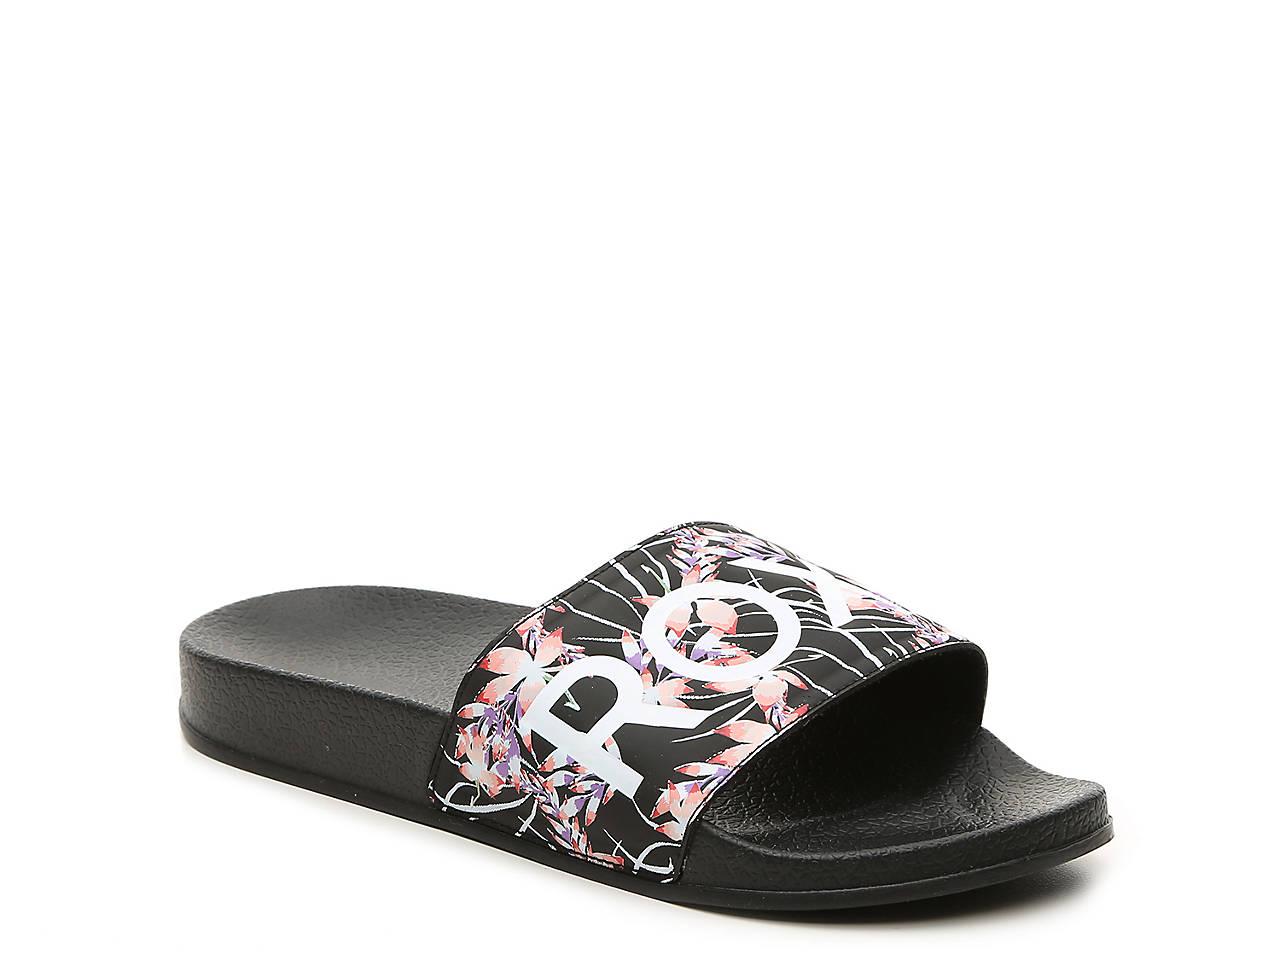 39753cf1912 Roxy Slippy Slide Sandal Women s Shoes